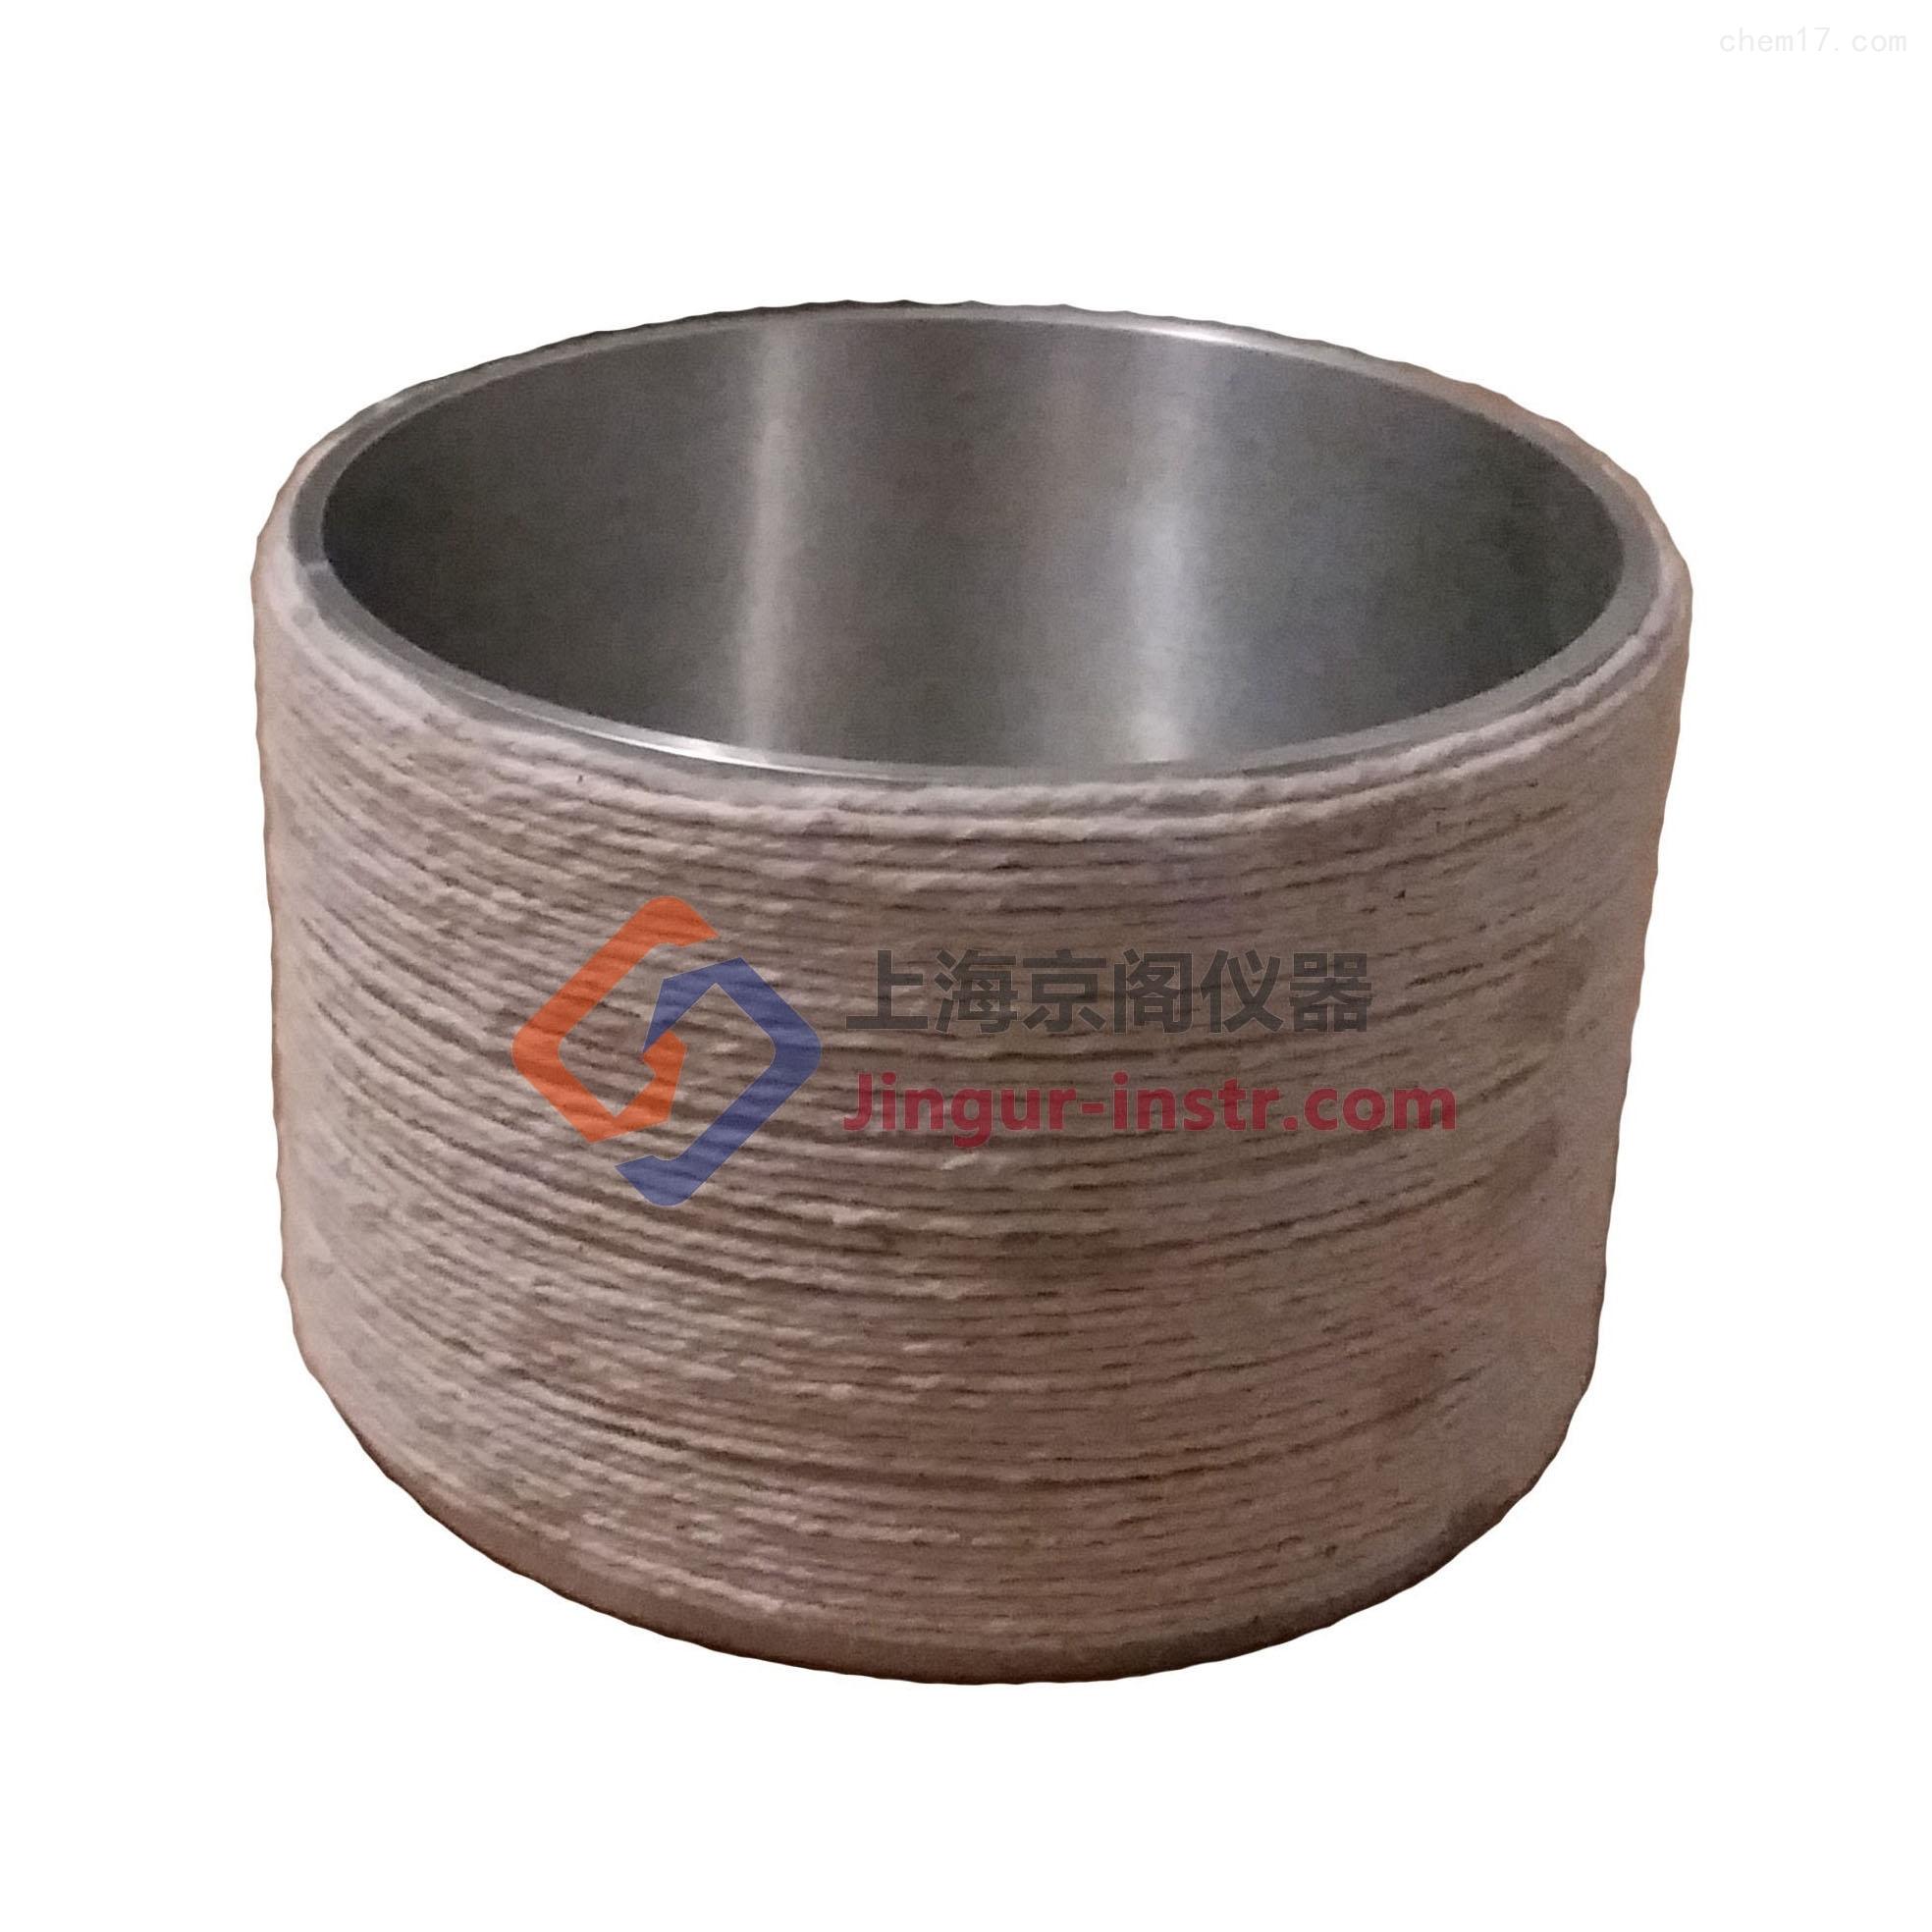 家具表面漆膜耐测试用铝合金容器